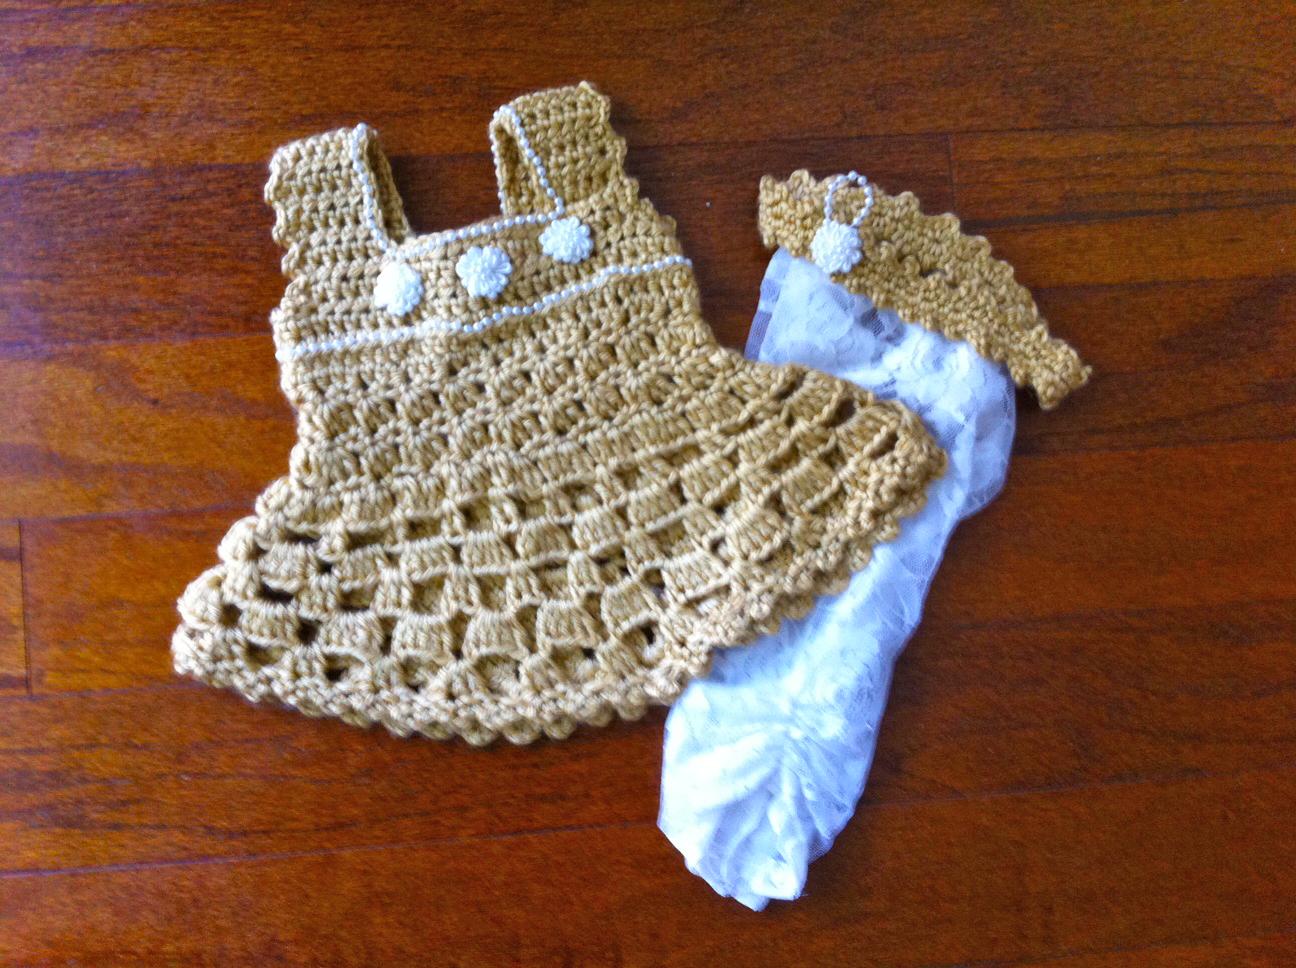 Golden Crochet Baby Dress Set Crochet Baby Dress Crochet Newborn